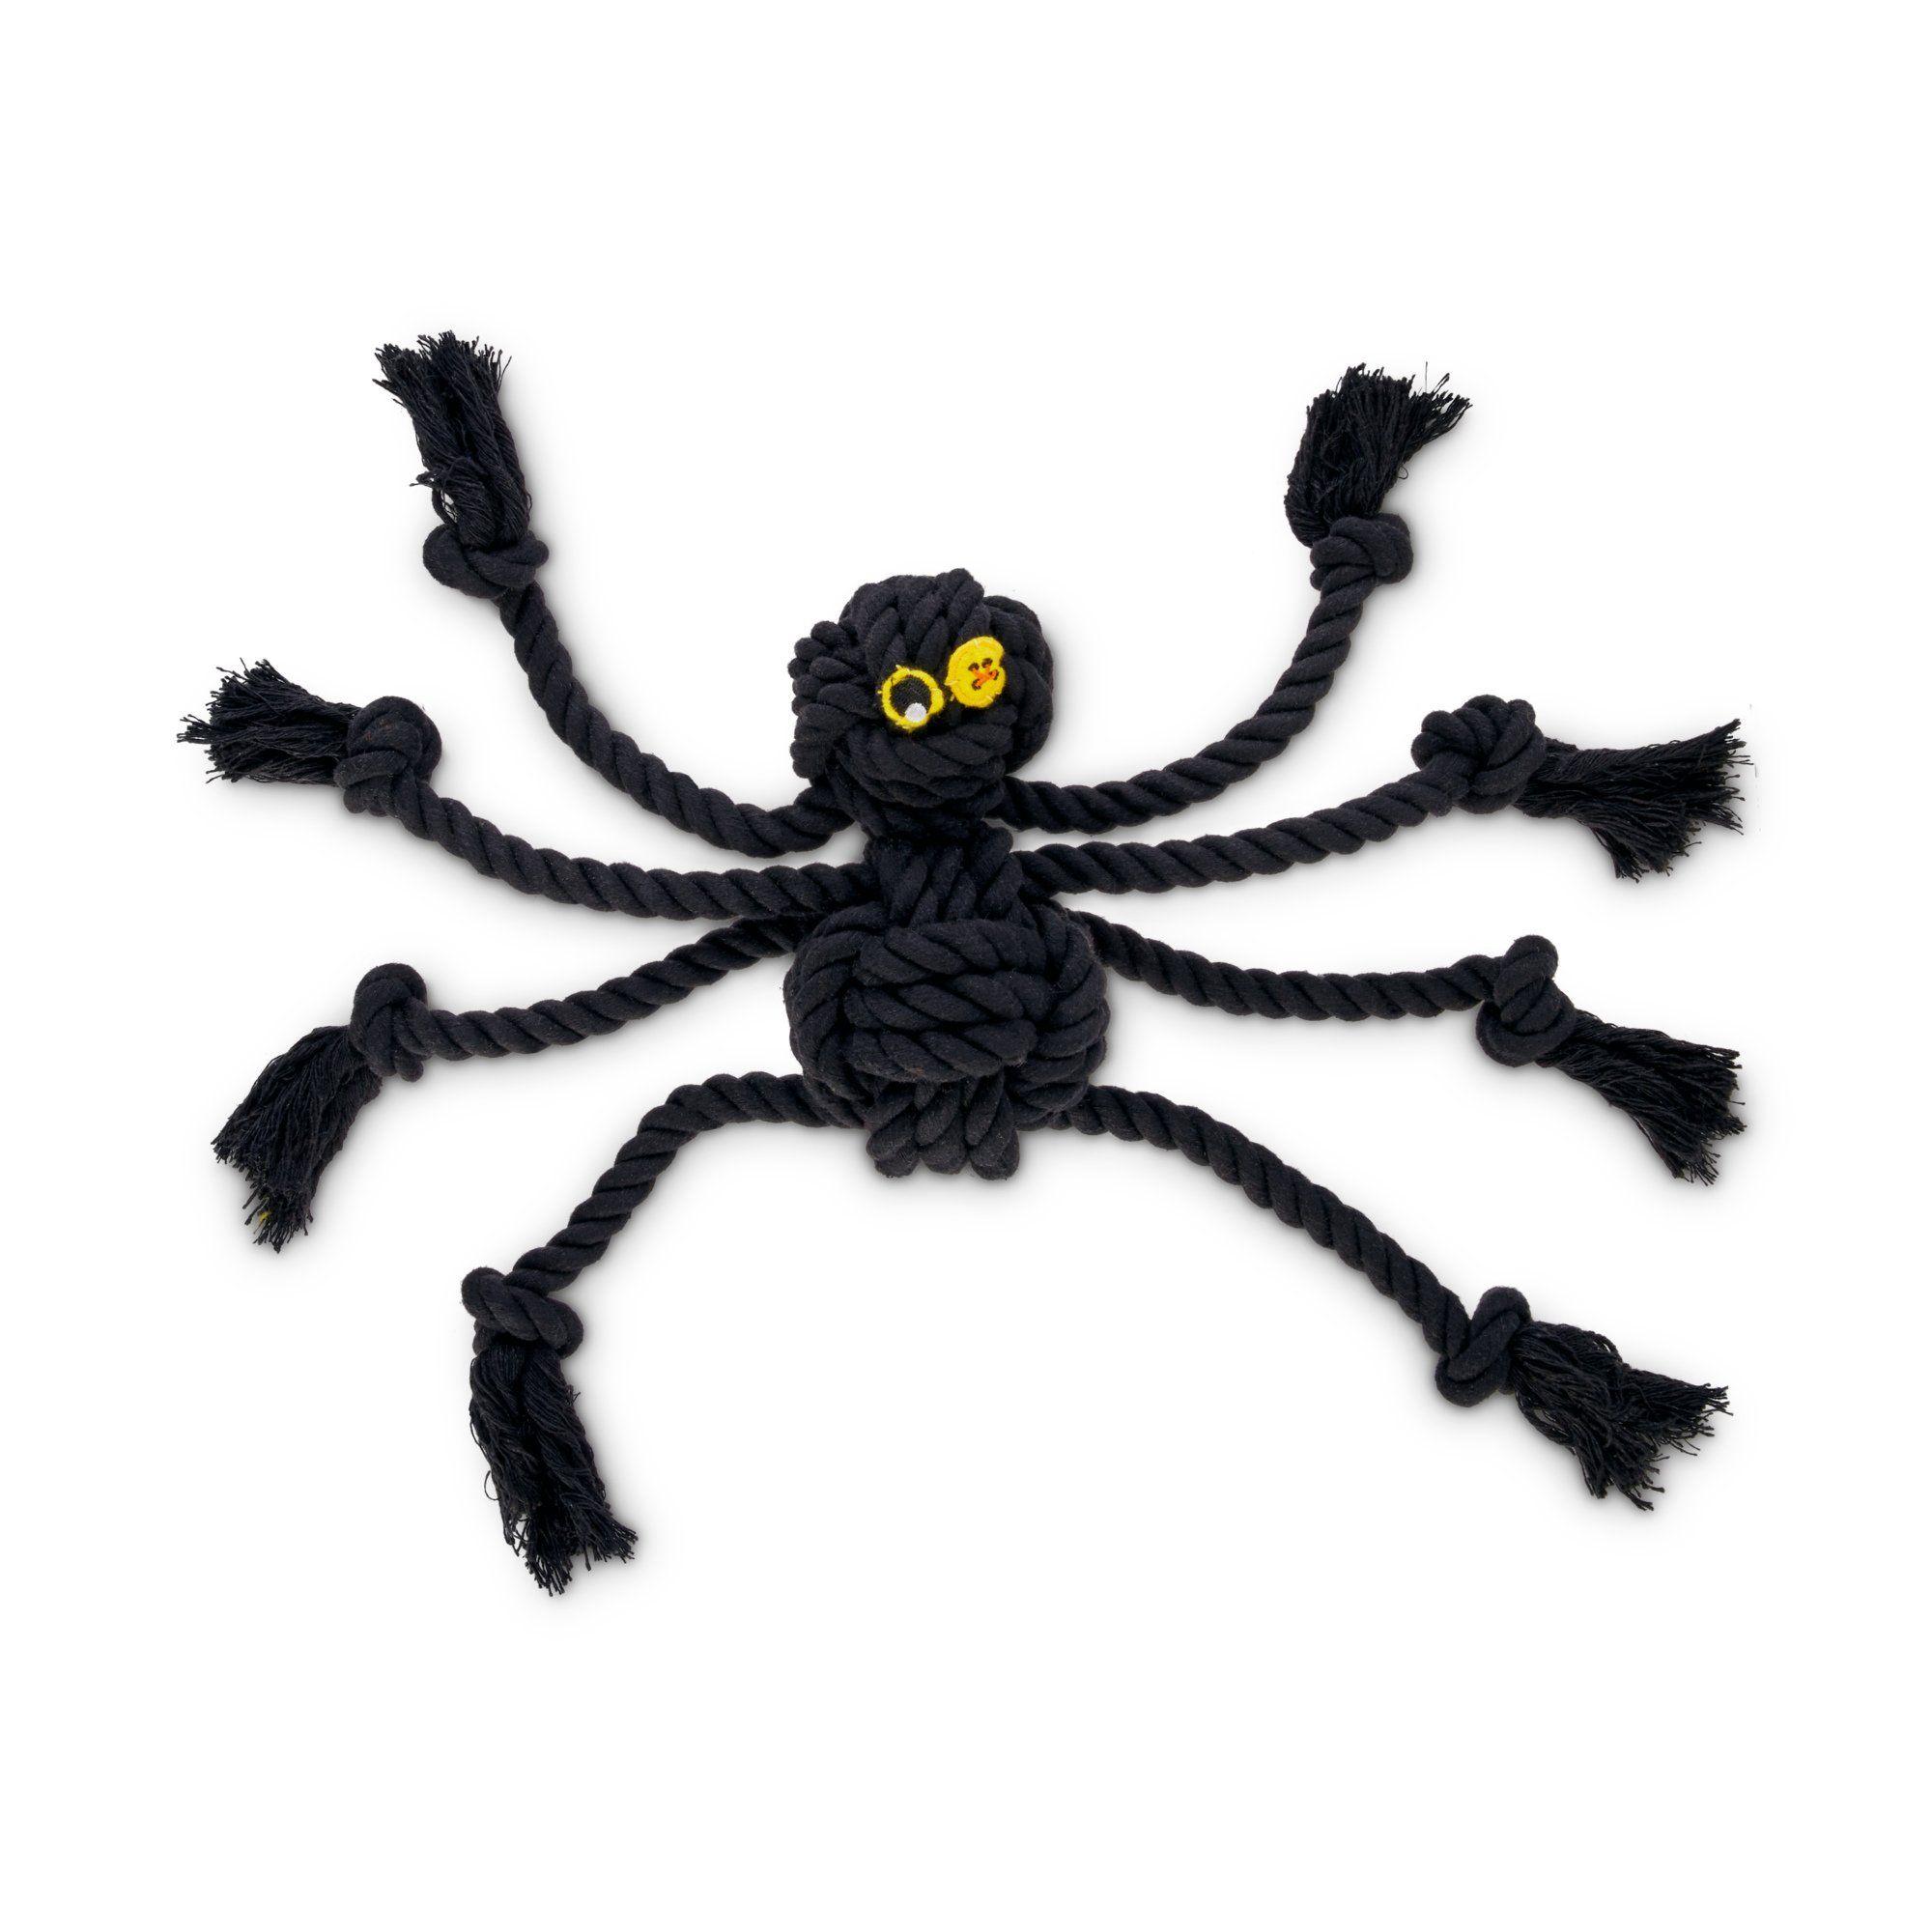 Bootique Creepy Crawler Rope Dog Toy Medium Black Rope Dog